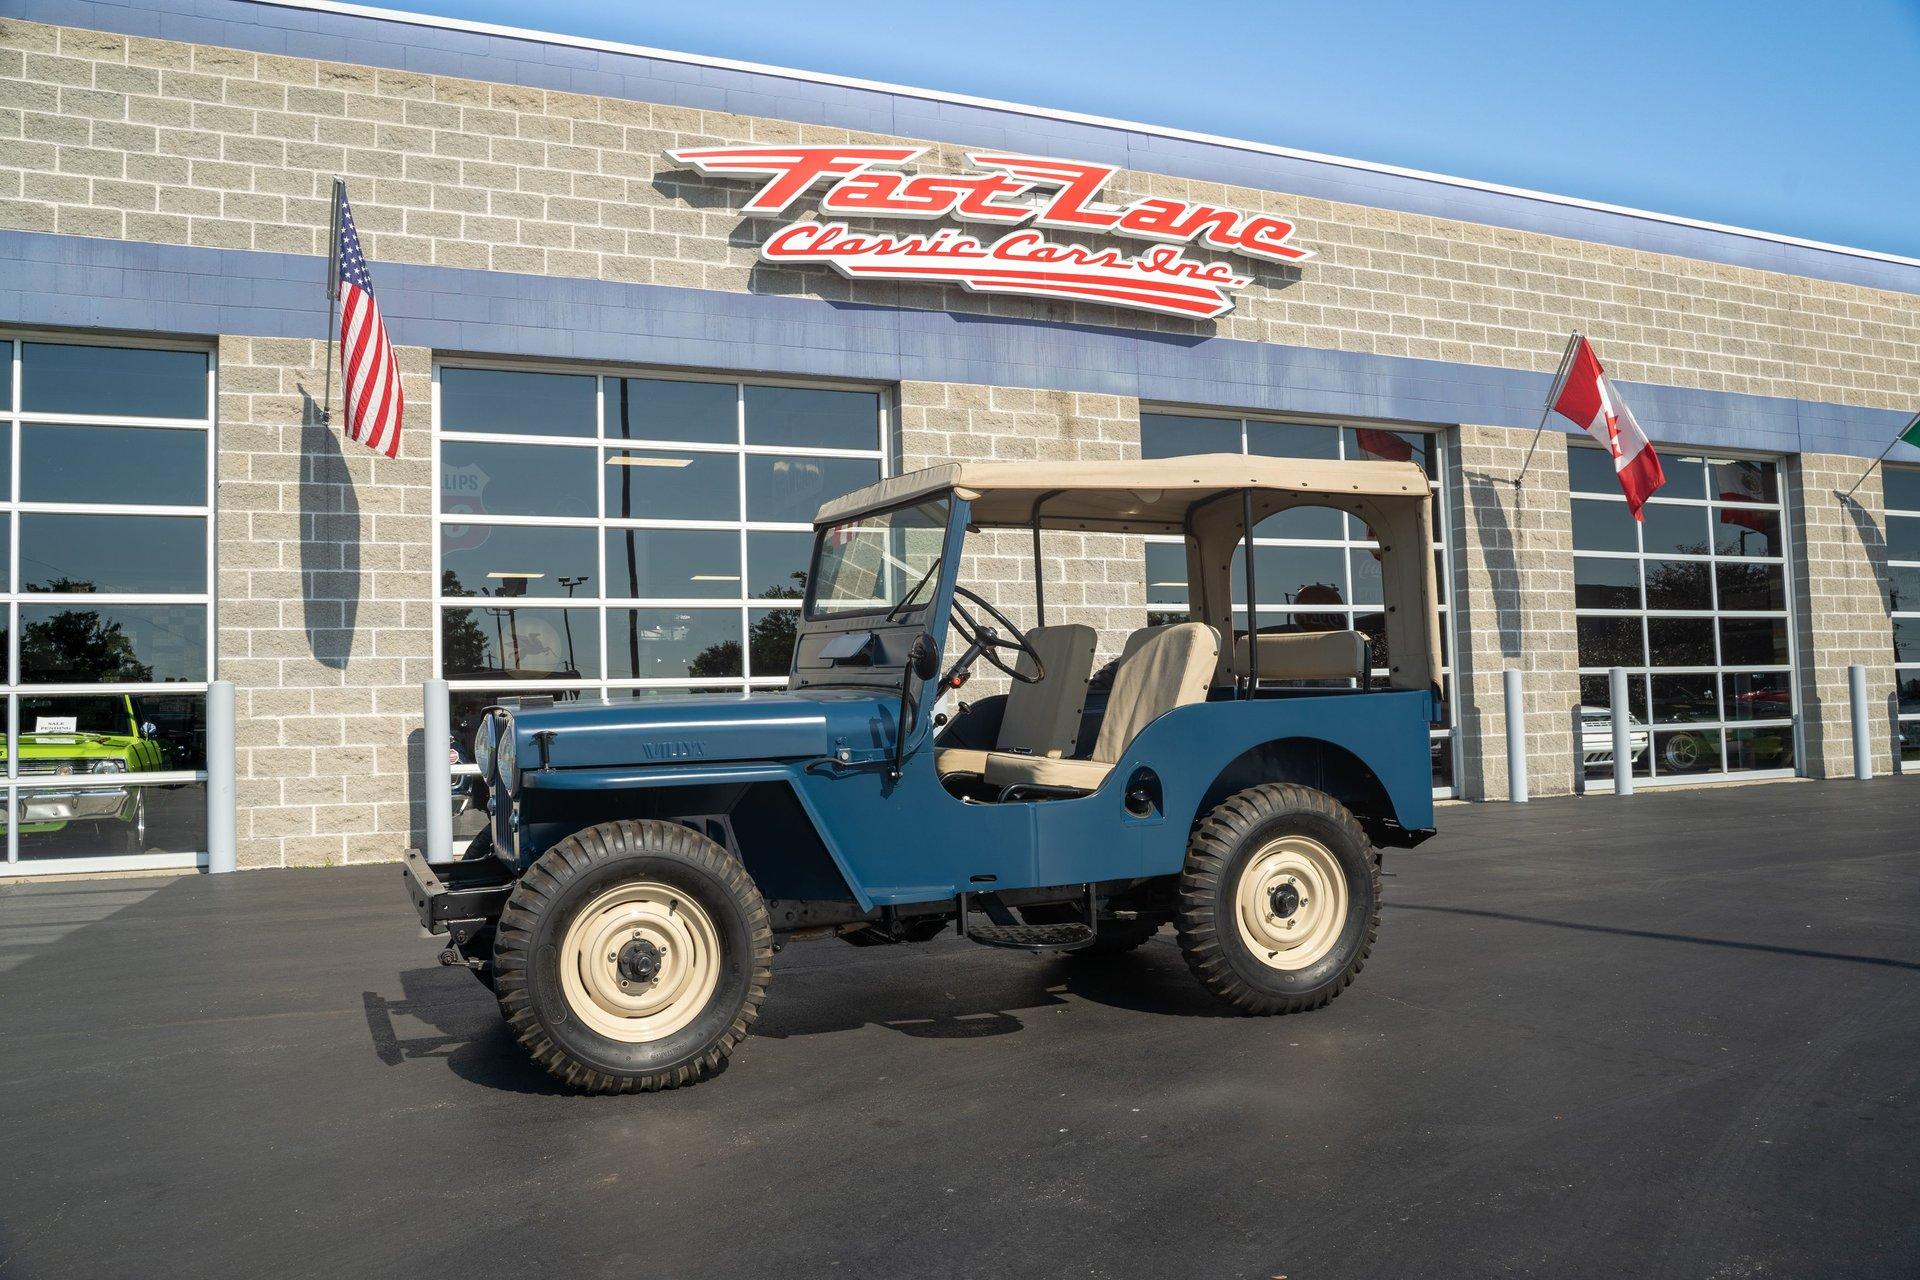 1953 willys jeep cj 3a